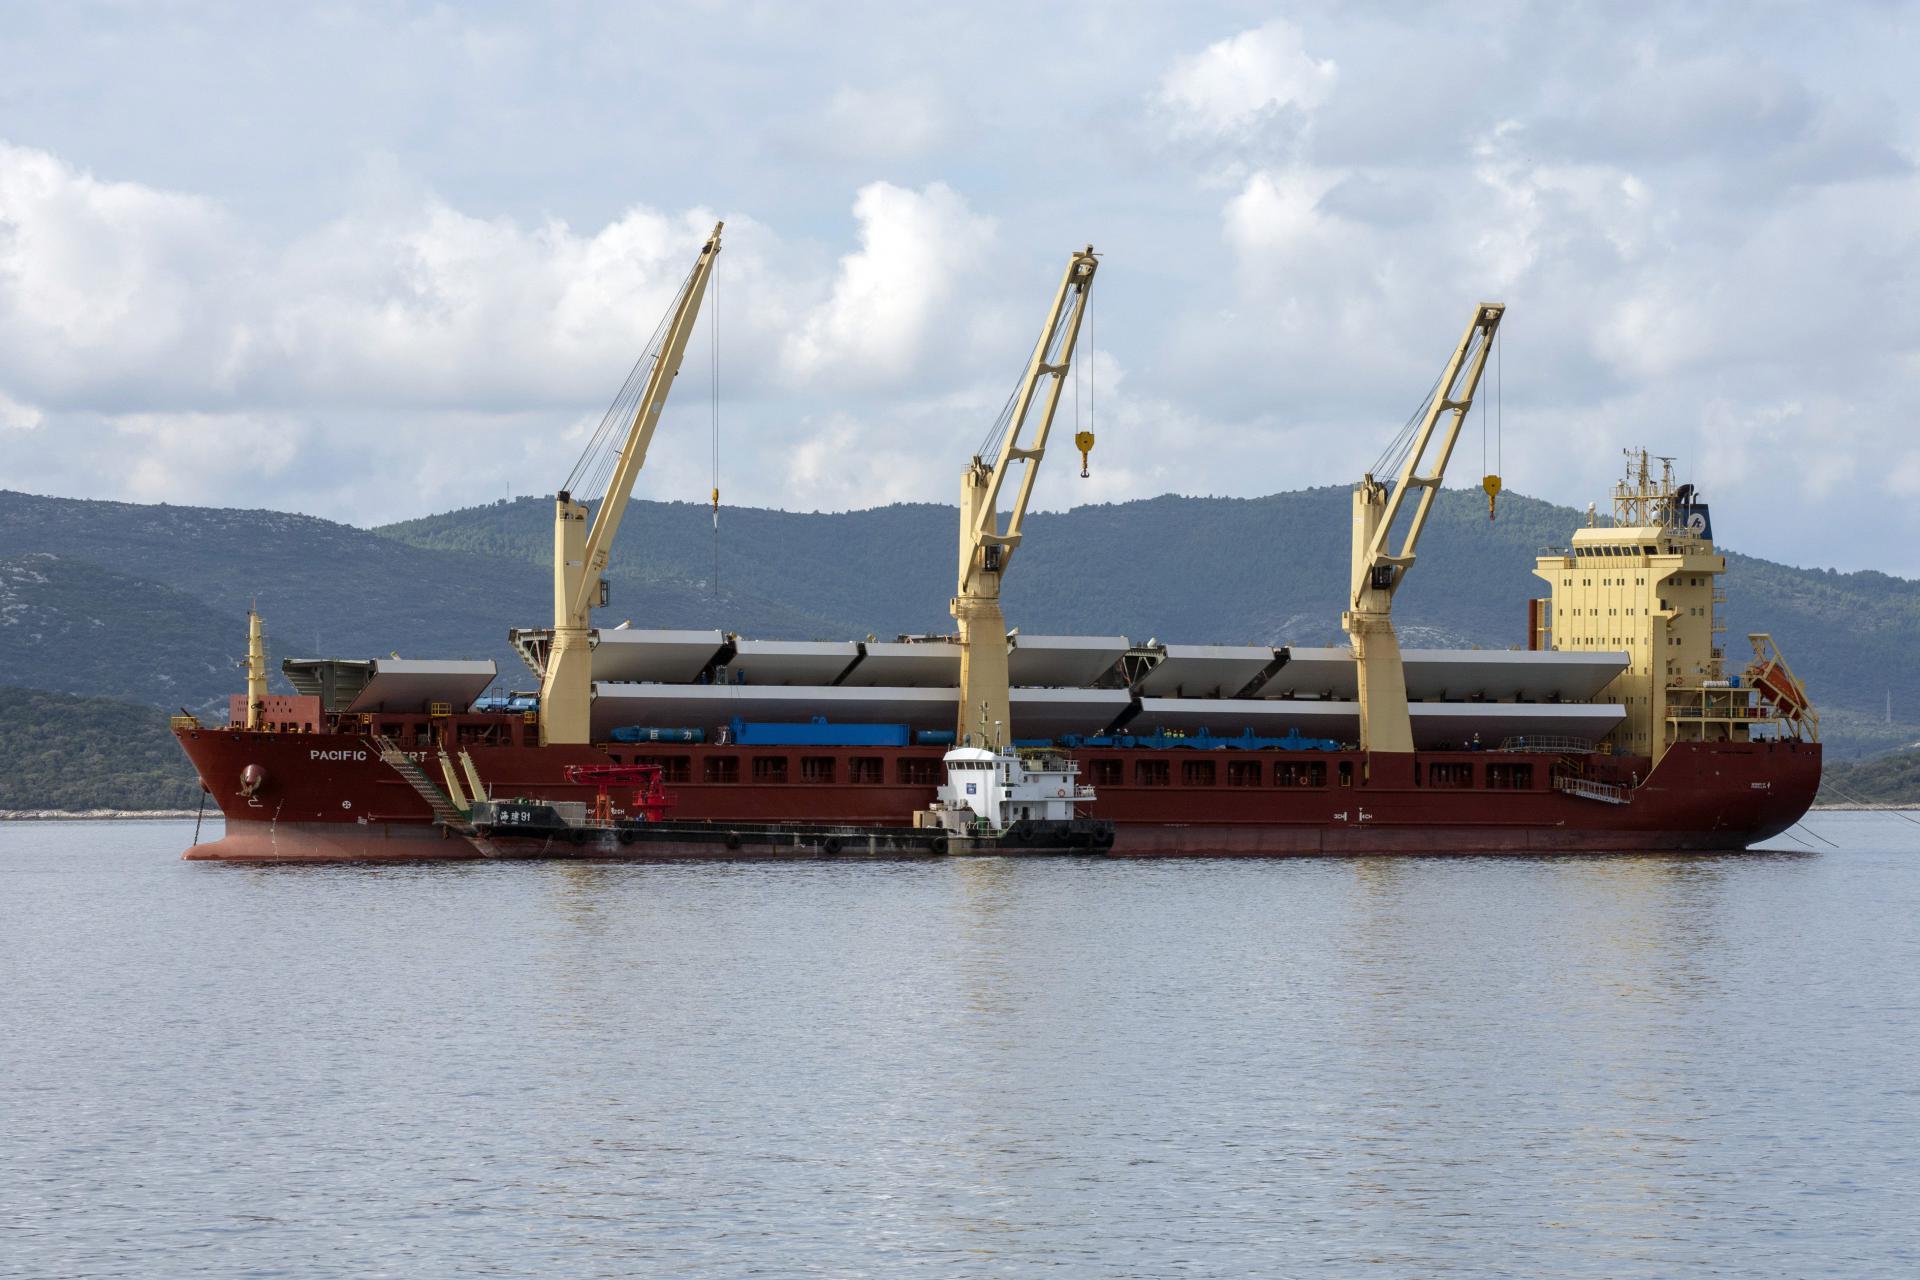 Nakon mjesec dana plovidbe iz Kine stigli novi dijelovi za pelješki most, posada zbog korona-krize neće silaziti s broda 14943588